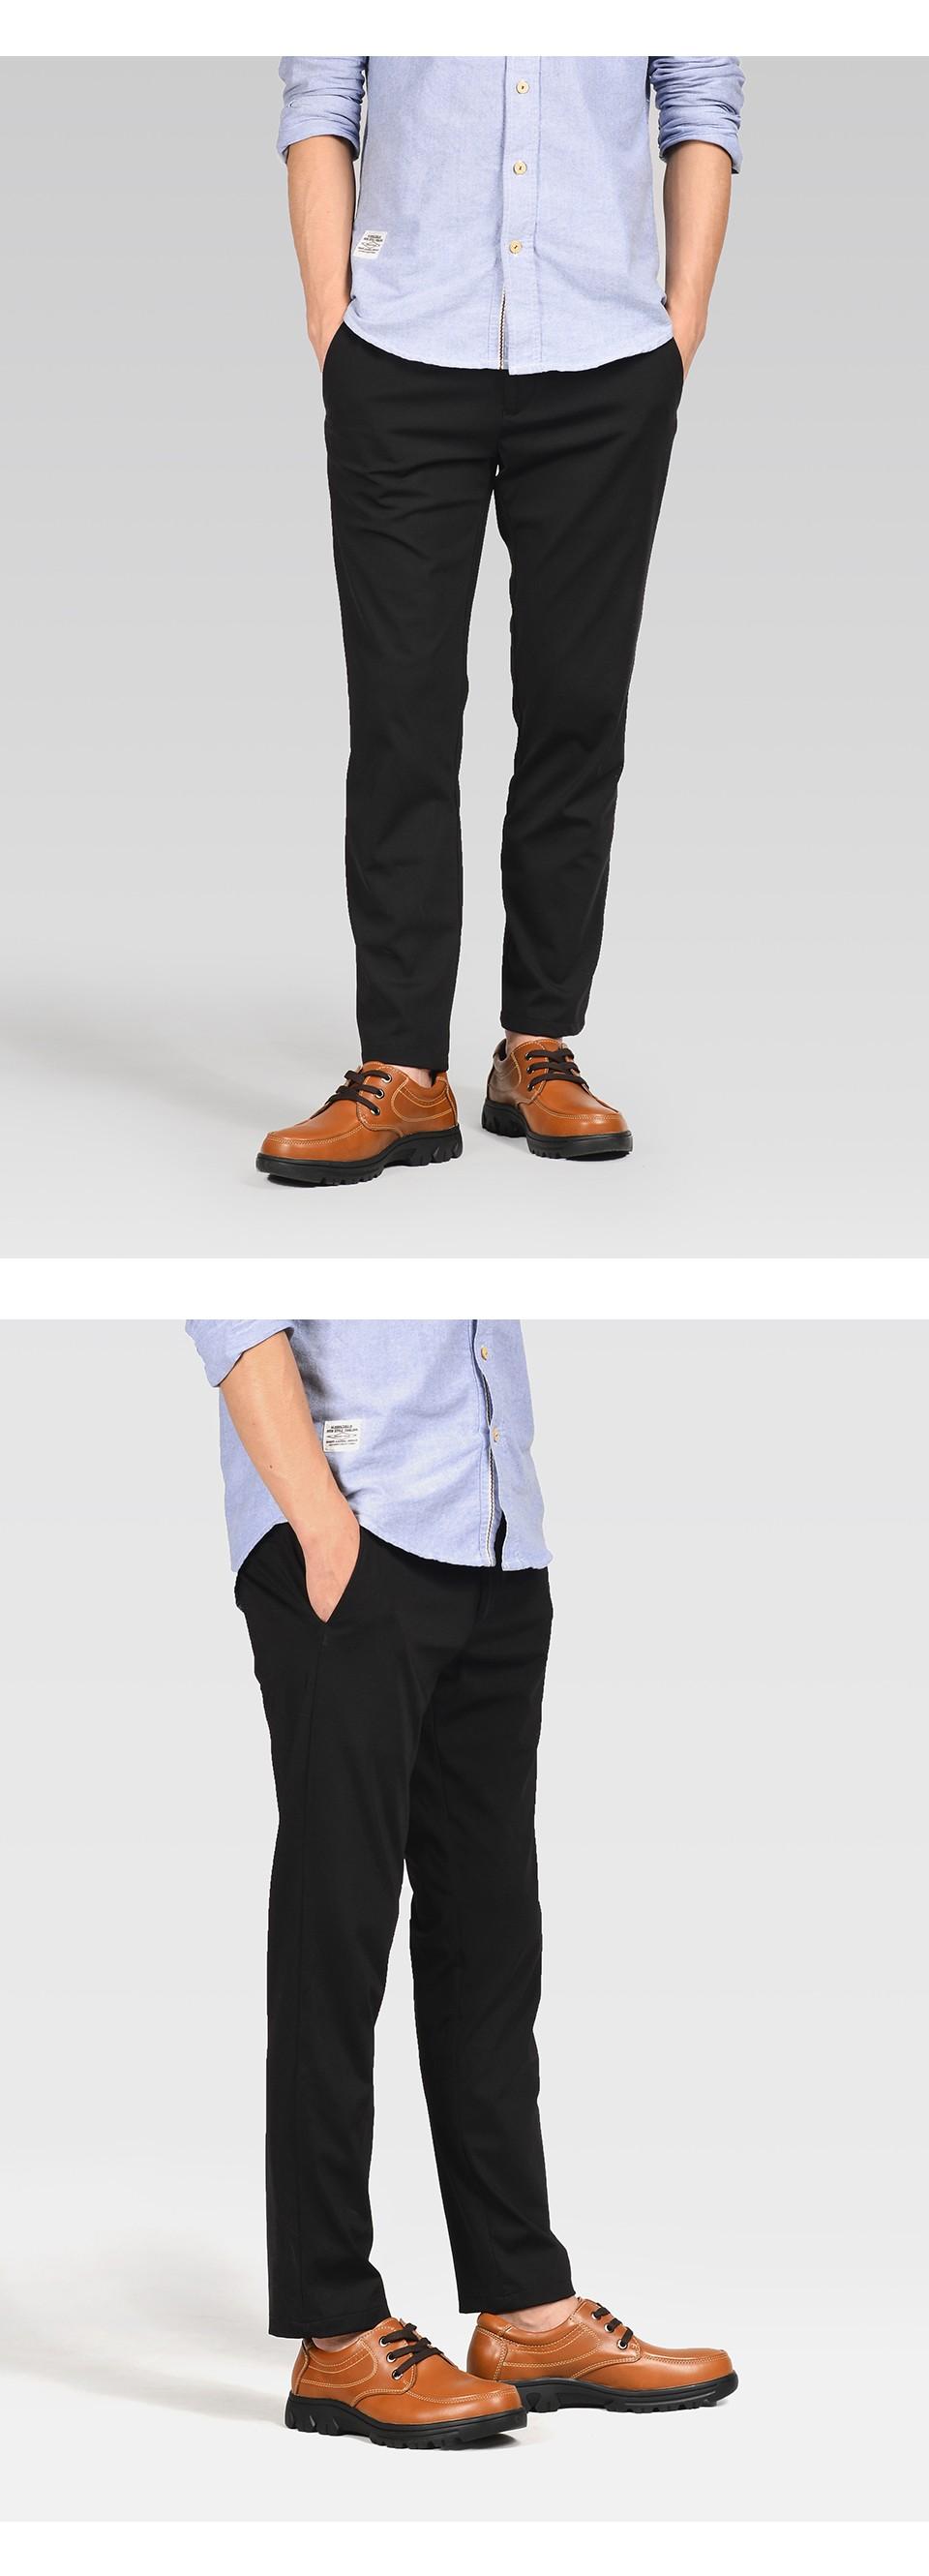 Boyutu 37 ~ 50 Erkek deri ayakkabı Inek Bölünmüş Erkekler Resmi Elbise Iş Düz Ayakkabı #5628